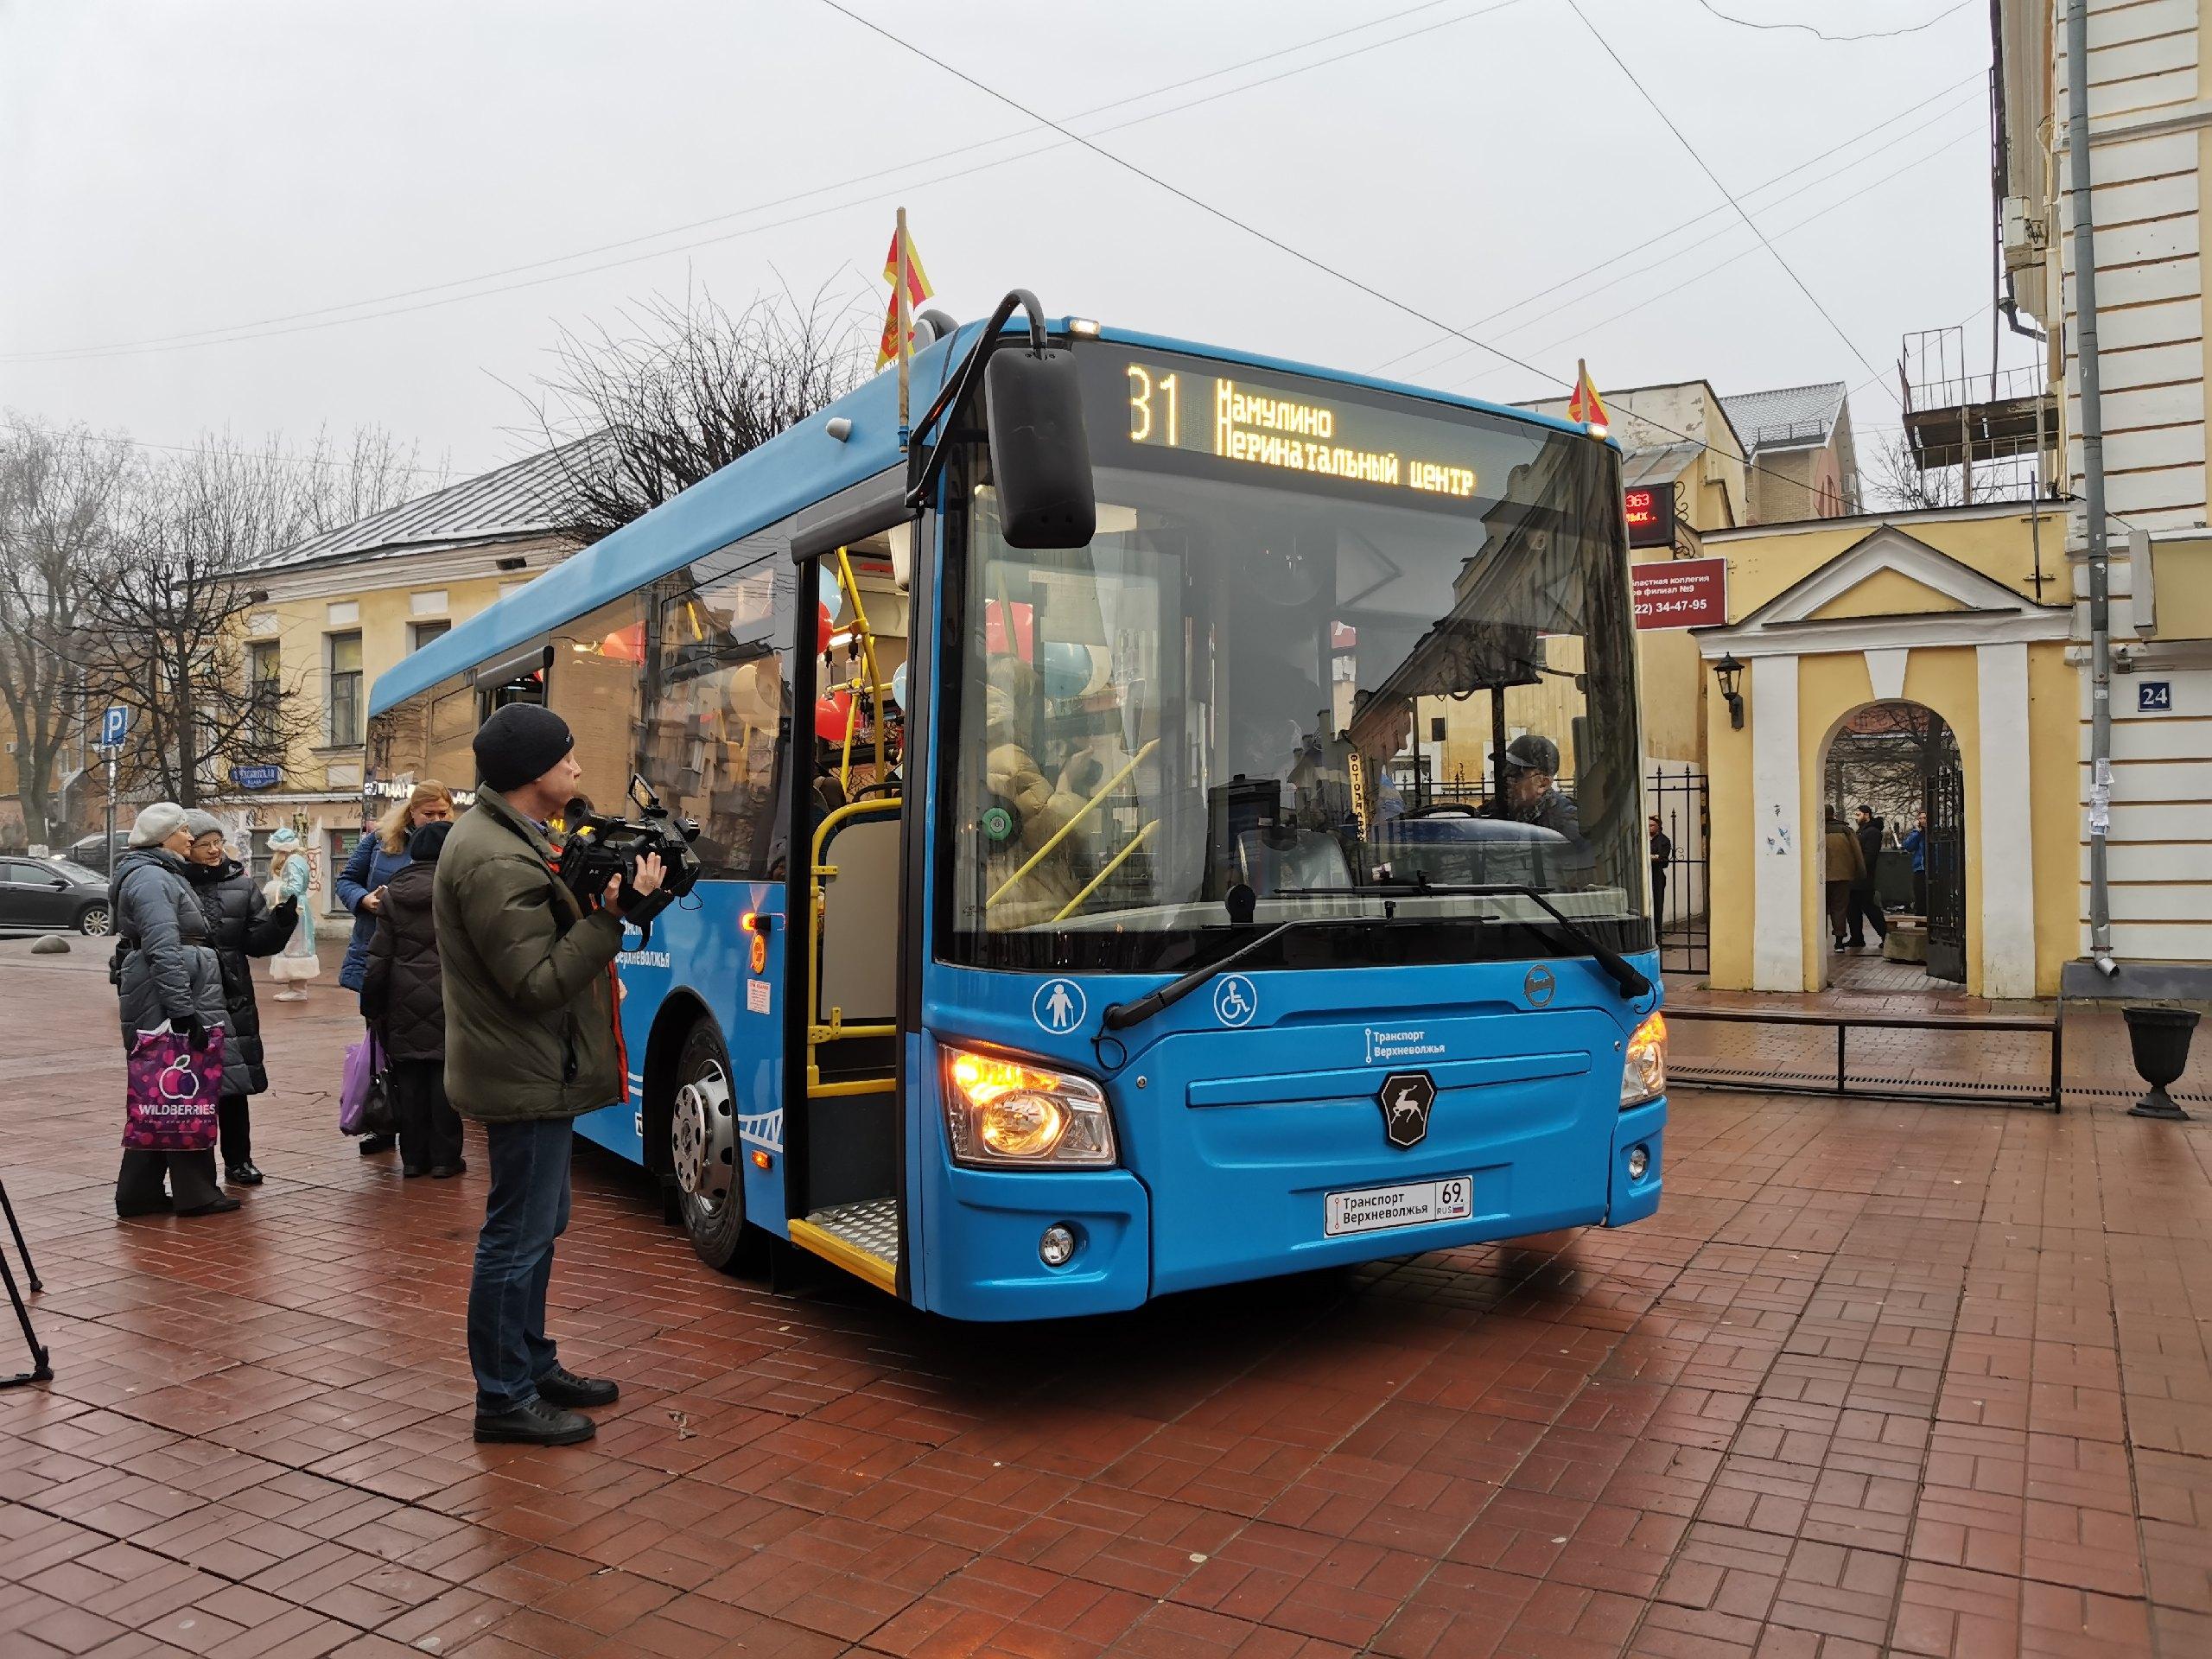 Автобусы новой транспортной системы Твери будут выходить на линию порциями